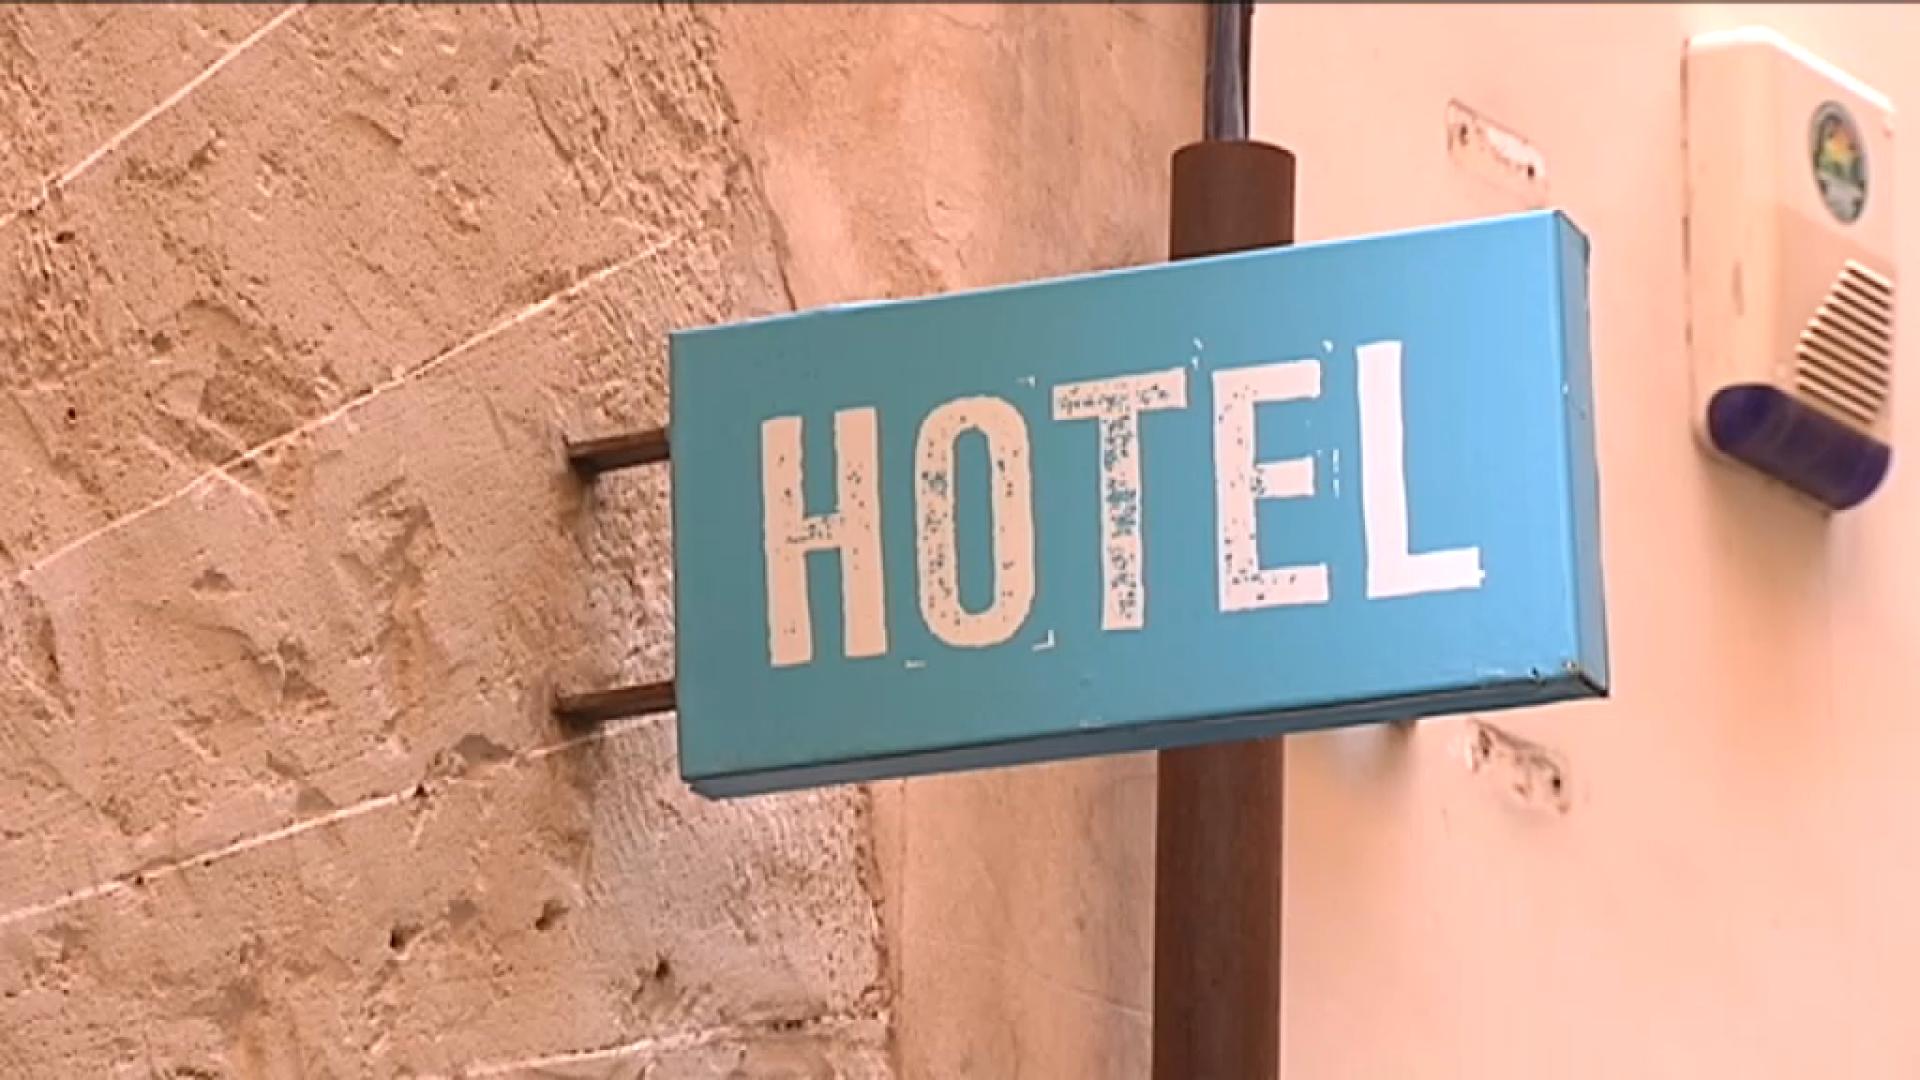 Bona+part+dels+hotels+de+Mallorca+comen%C3%A7aran+a+tancar+a+partir+del+2+d%26apos%3Boctubre